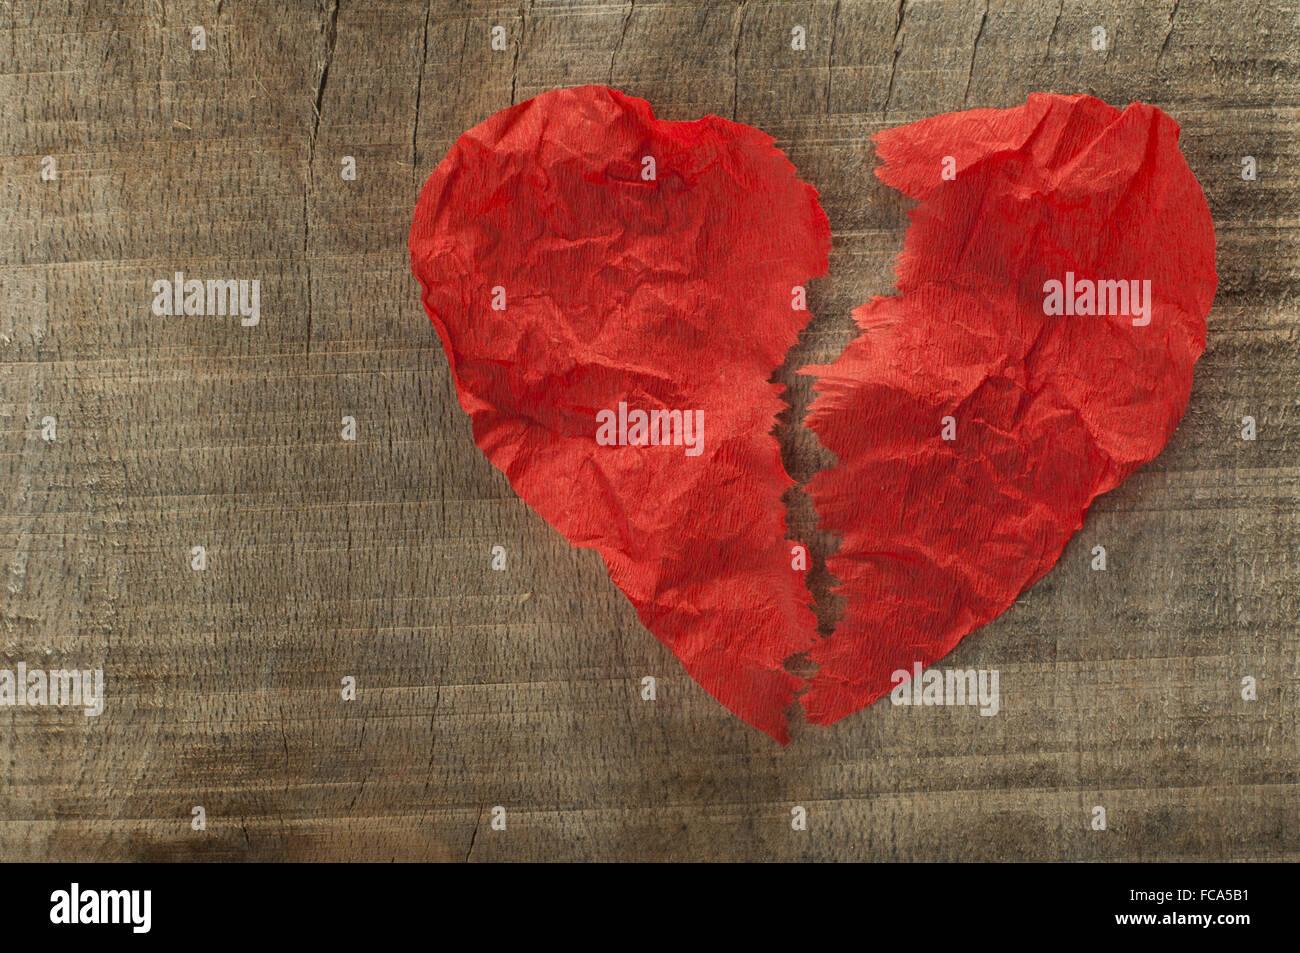 Heartbreak hizo ΓÇïΓÇïof ondulado papel rojo Imagen De Stock